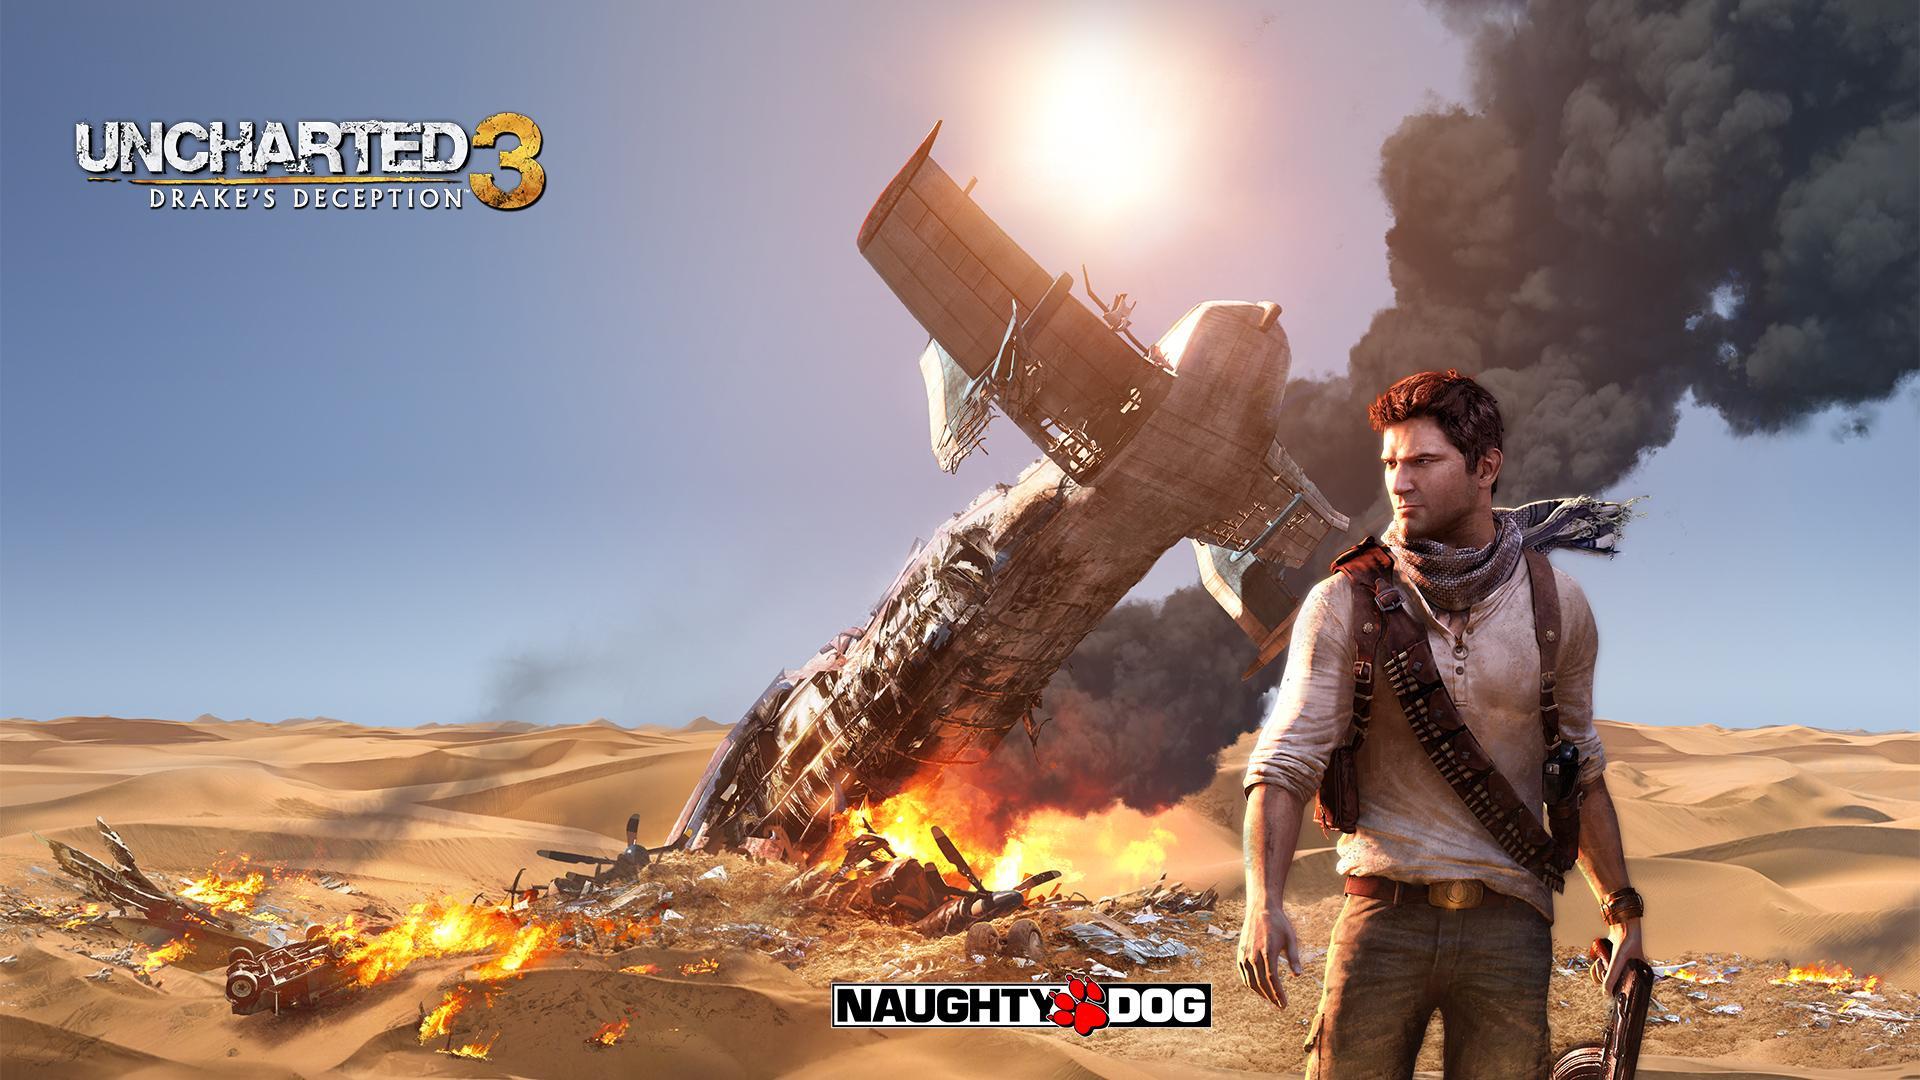 http://media.paperblog.fr/i/392/3927075/annonce-officielle-jeu-uncharted-3-drakes-dec-L-2DLeQM.jpeg